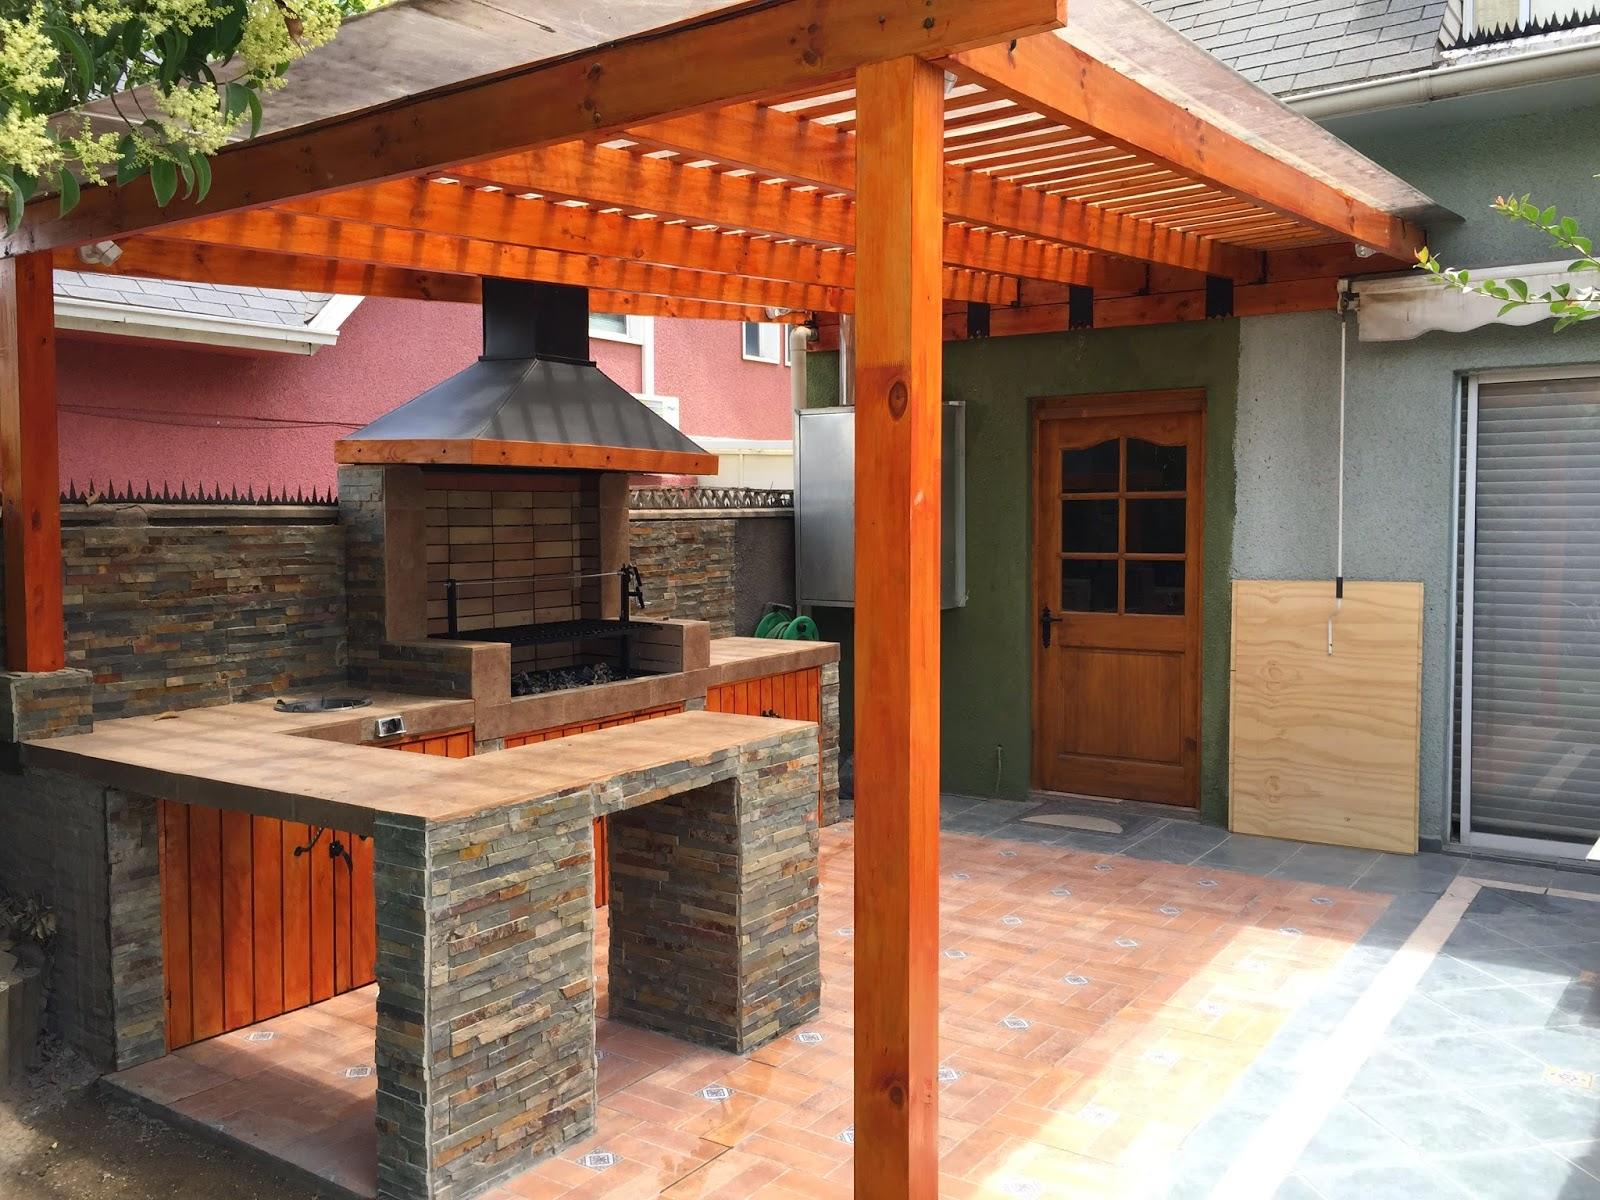 Quinchos y pergolas archivos construcciones america for Parrillas para casas modernas